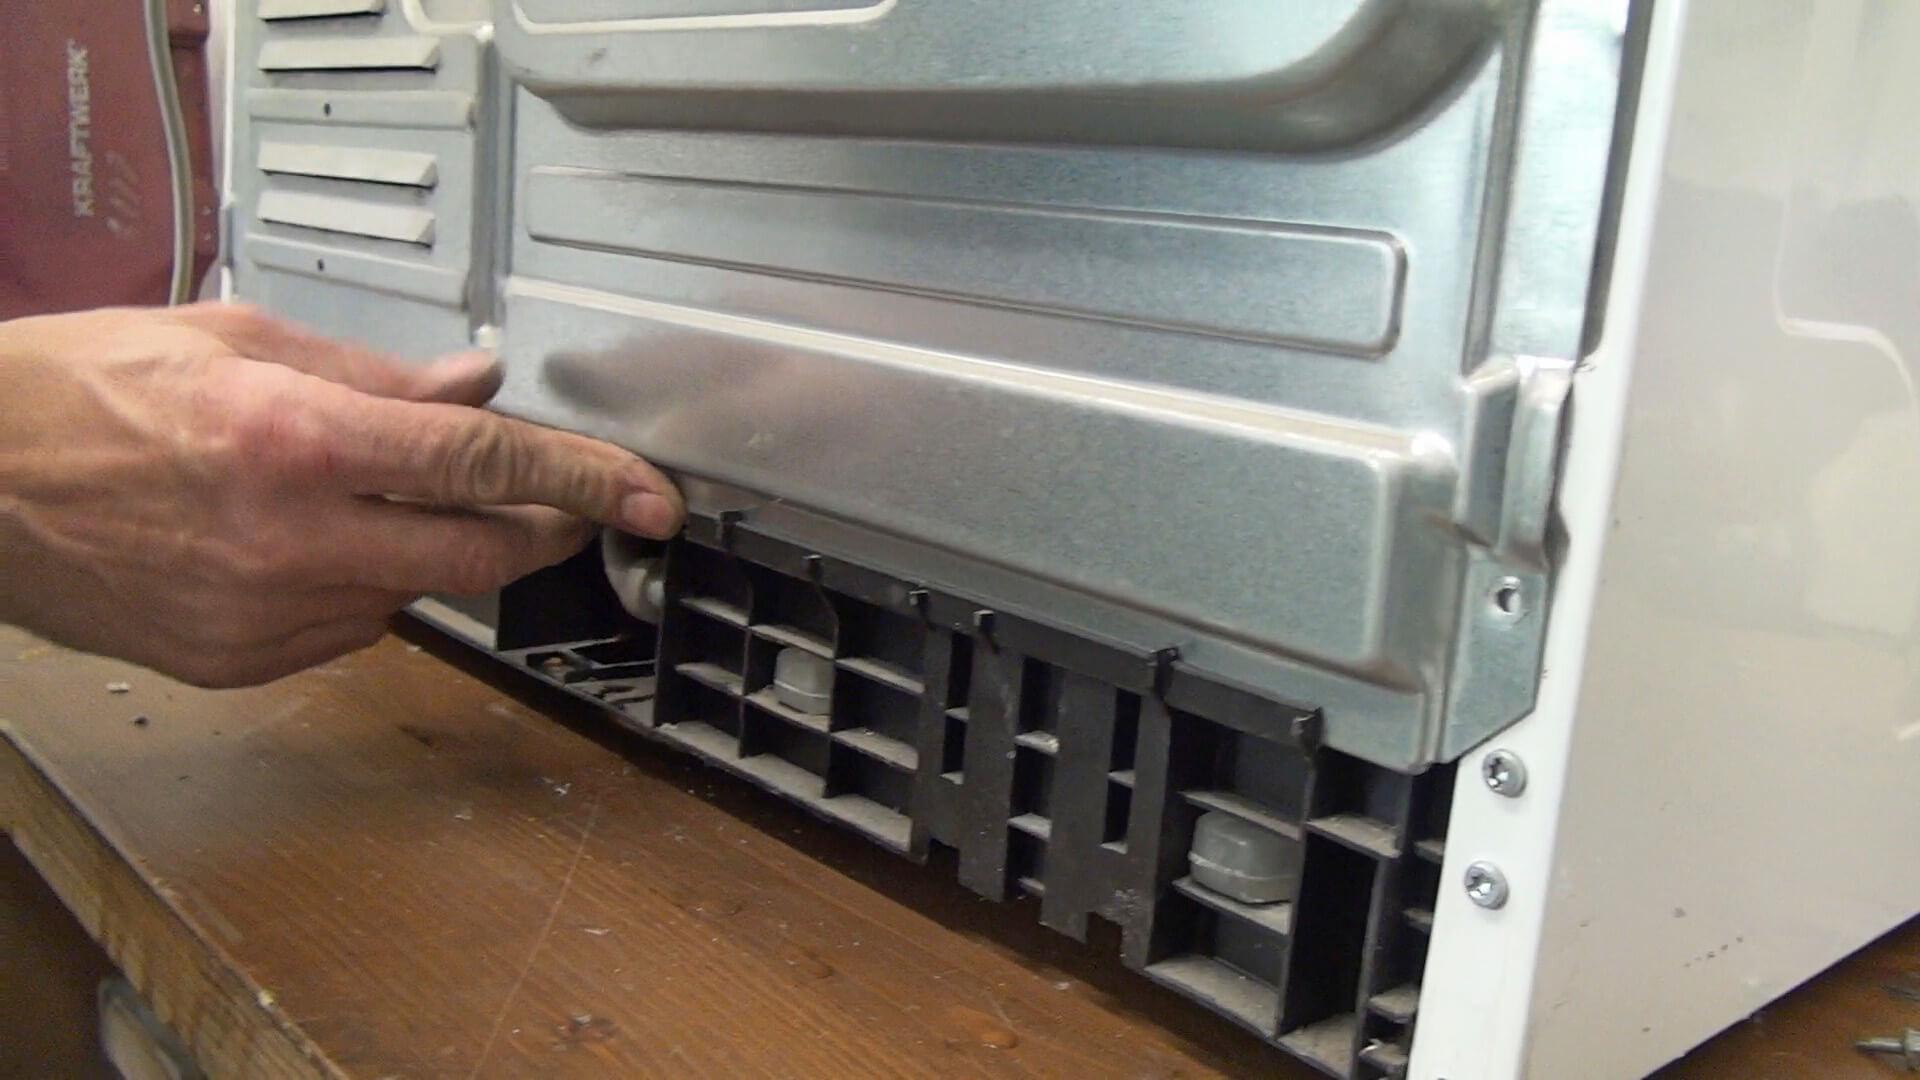 Hinteren Gerätedeckel einsetzen